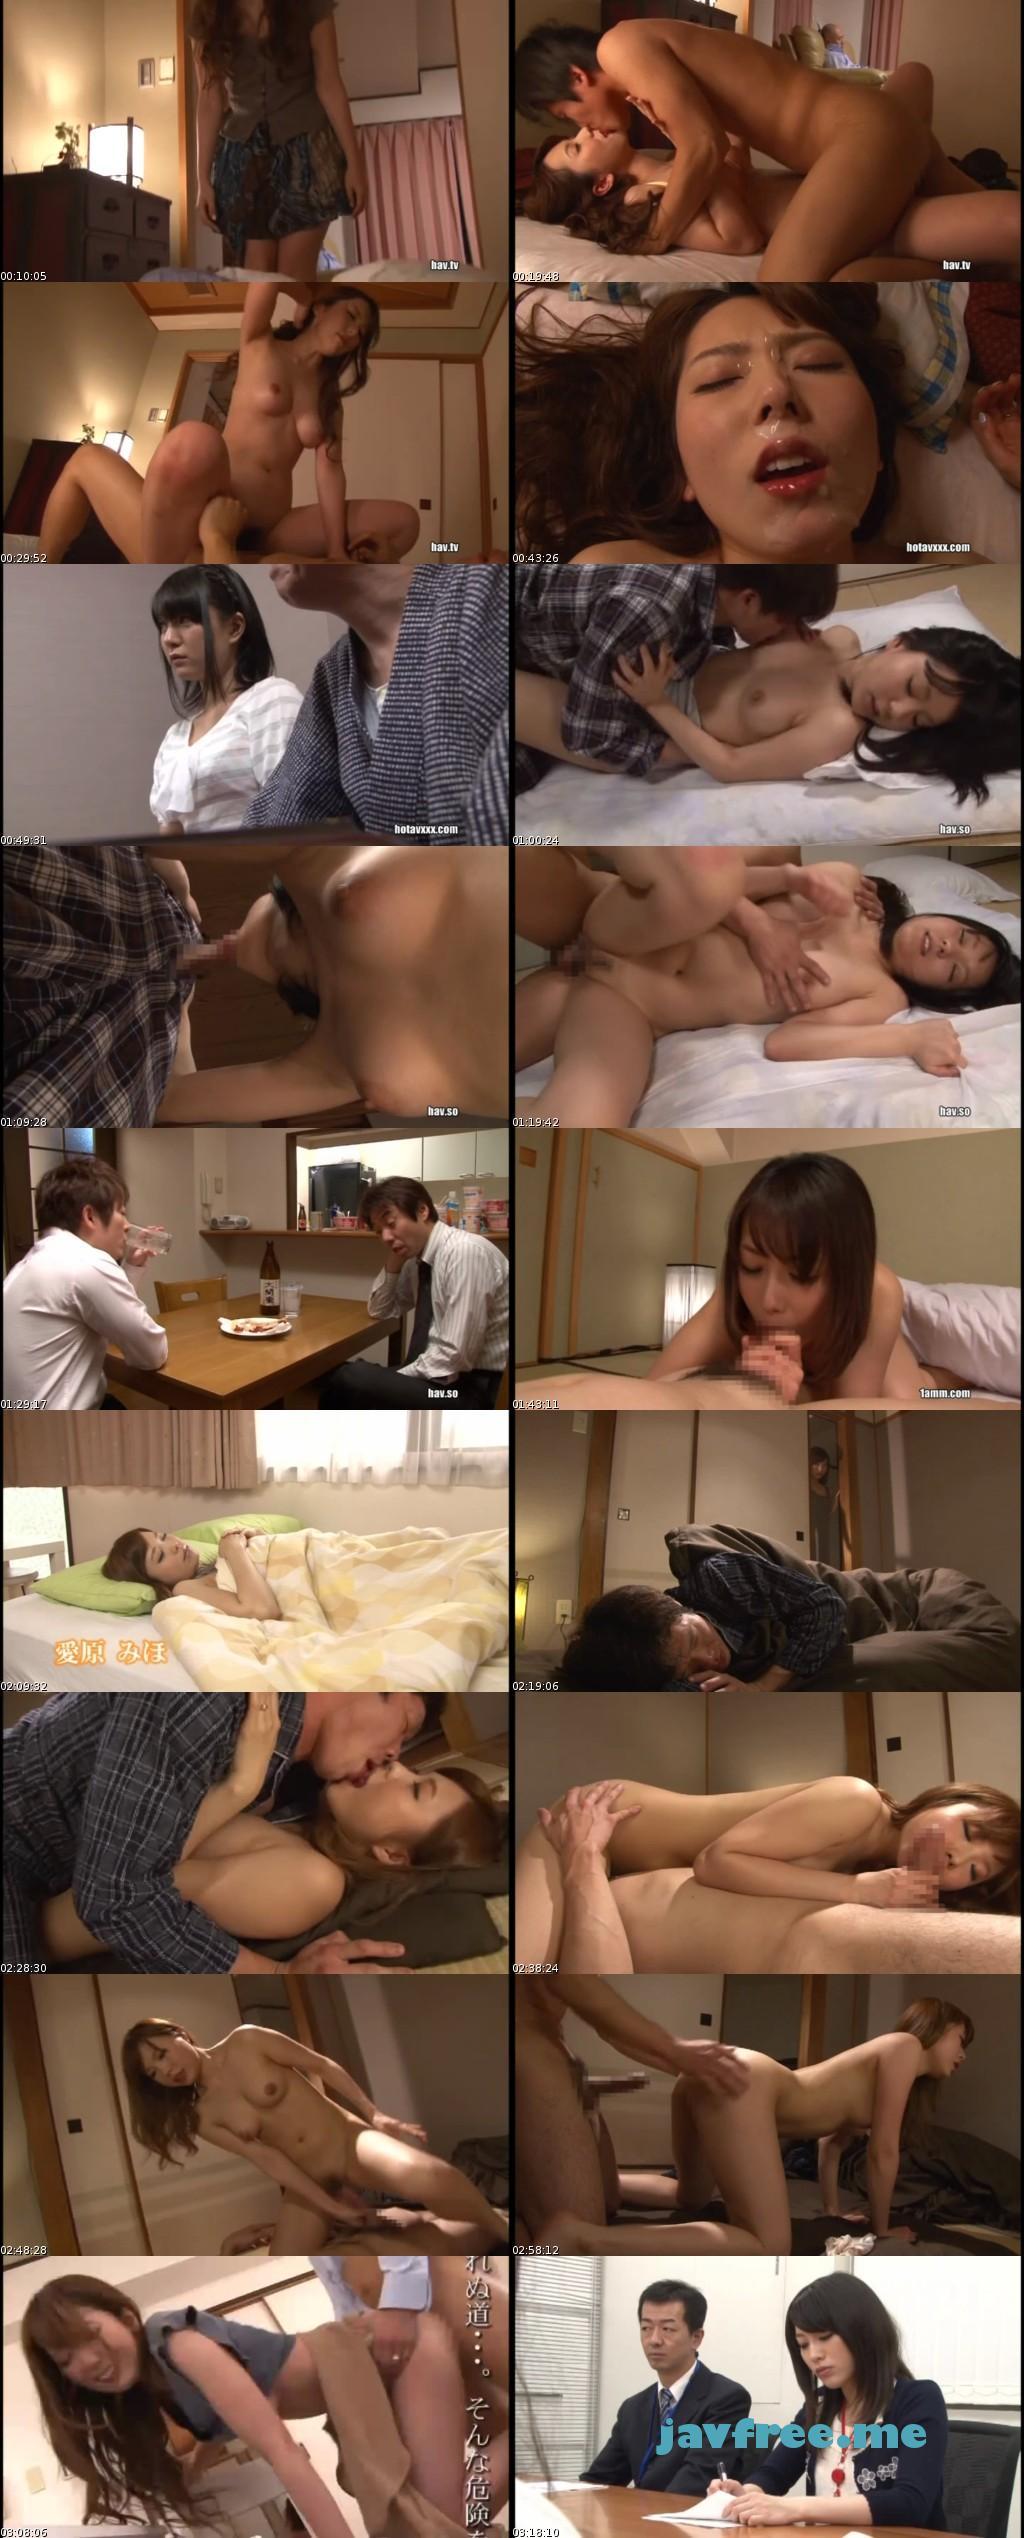 [FSET 439] 上司の奥さんに逆夜這いされてしまった俺 篠田彩音 波多野結衣 椿かなり 愛原みほ FSET